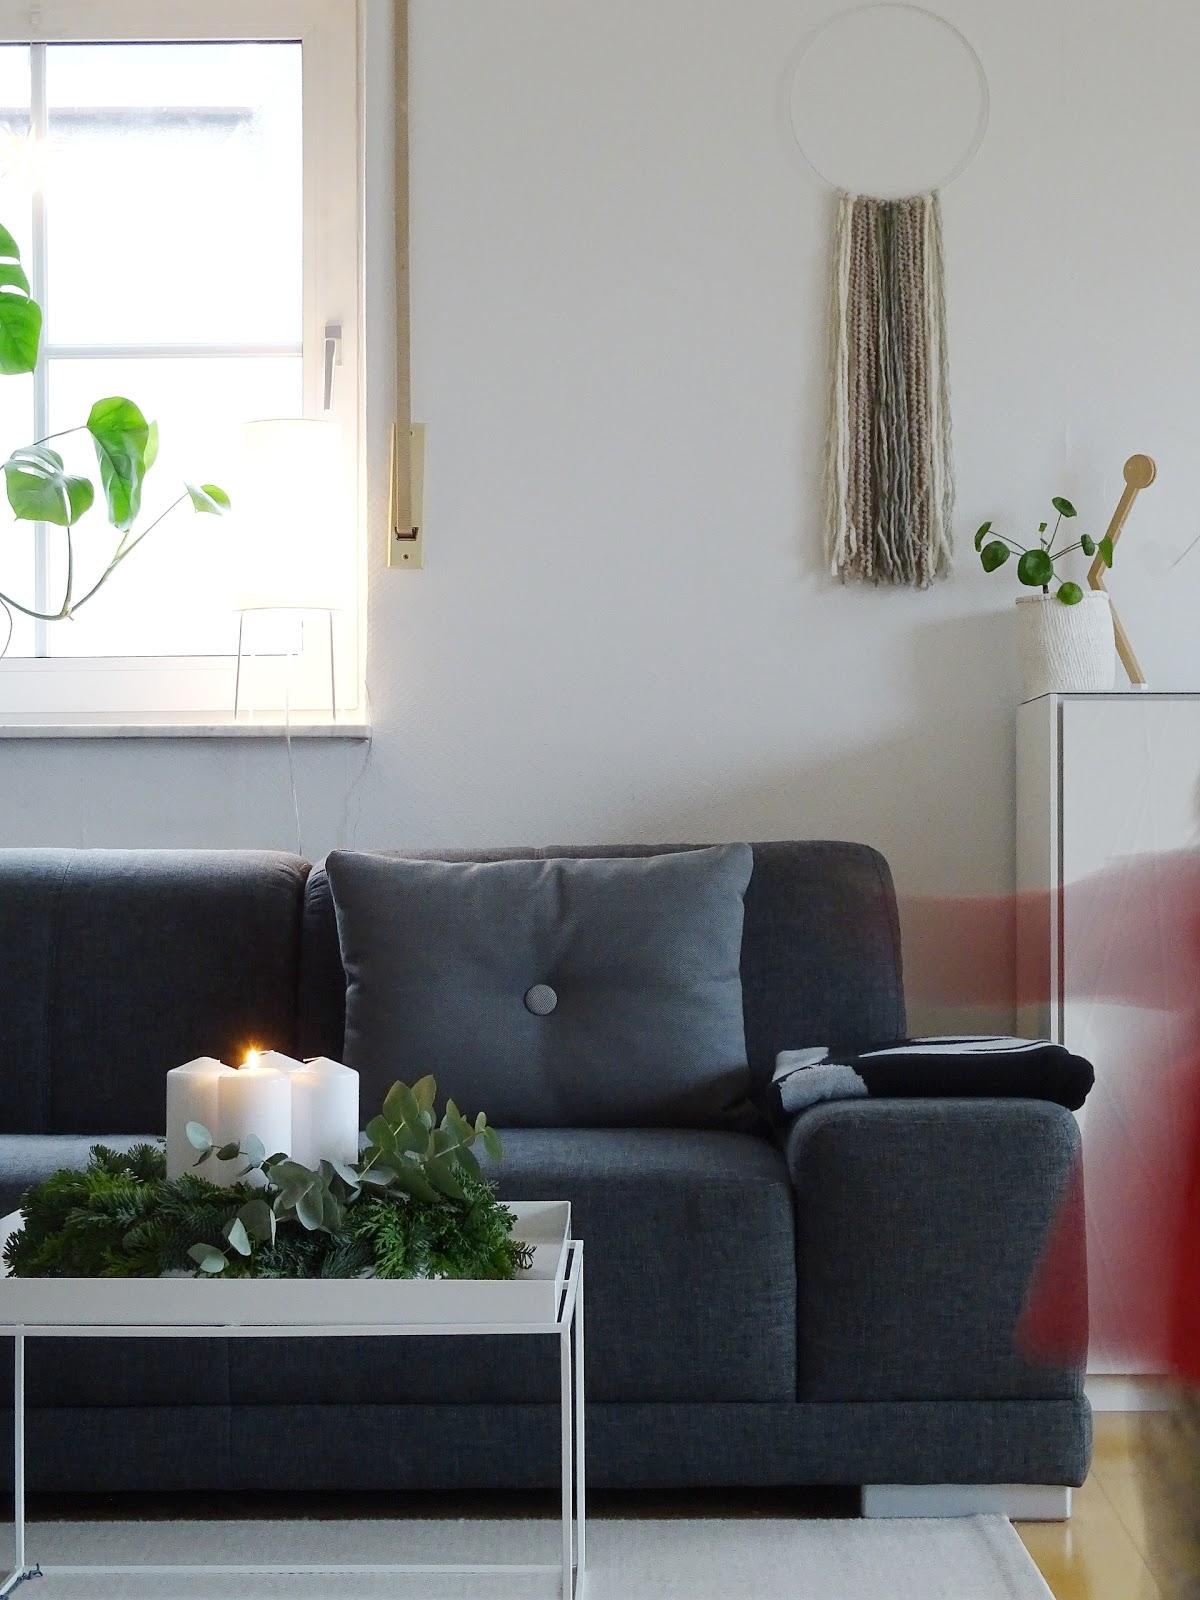 Unser stimmungsvoll-entspannter Advent mitten im Hausbau-Umzugschaos ...